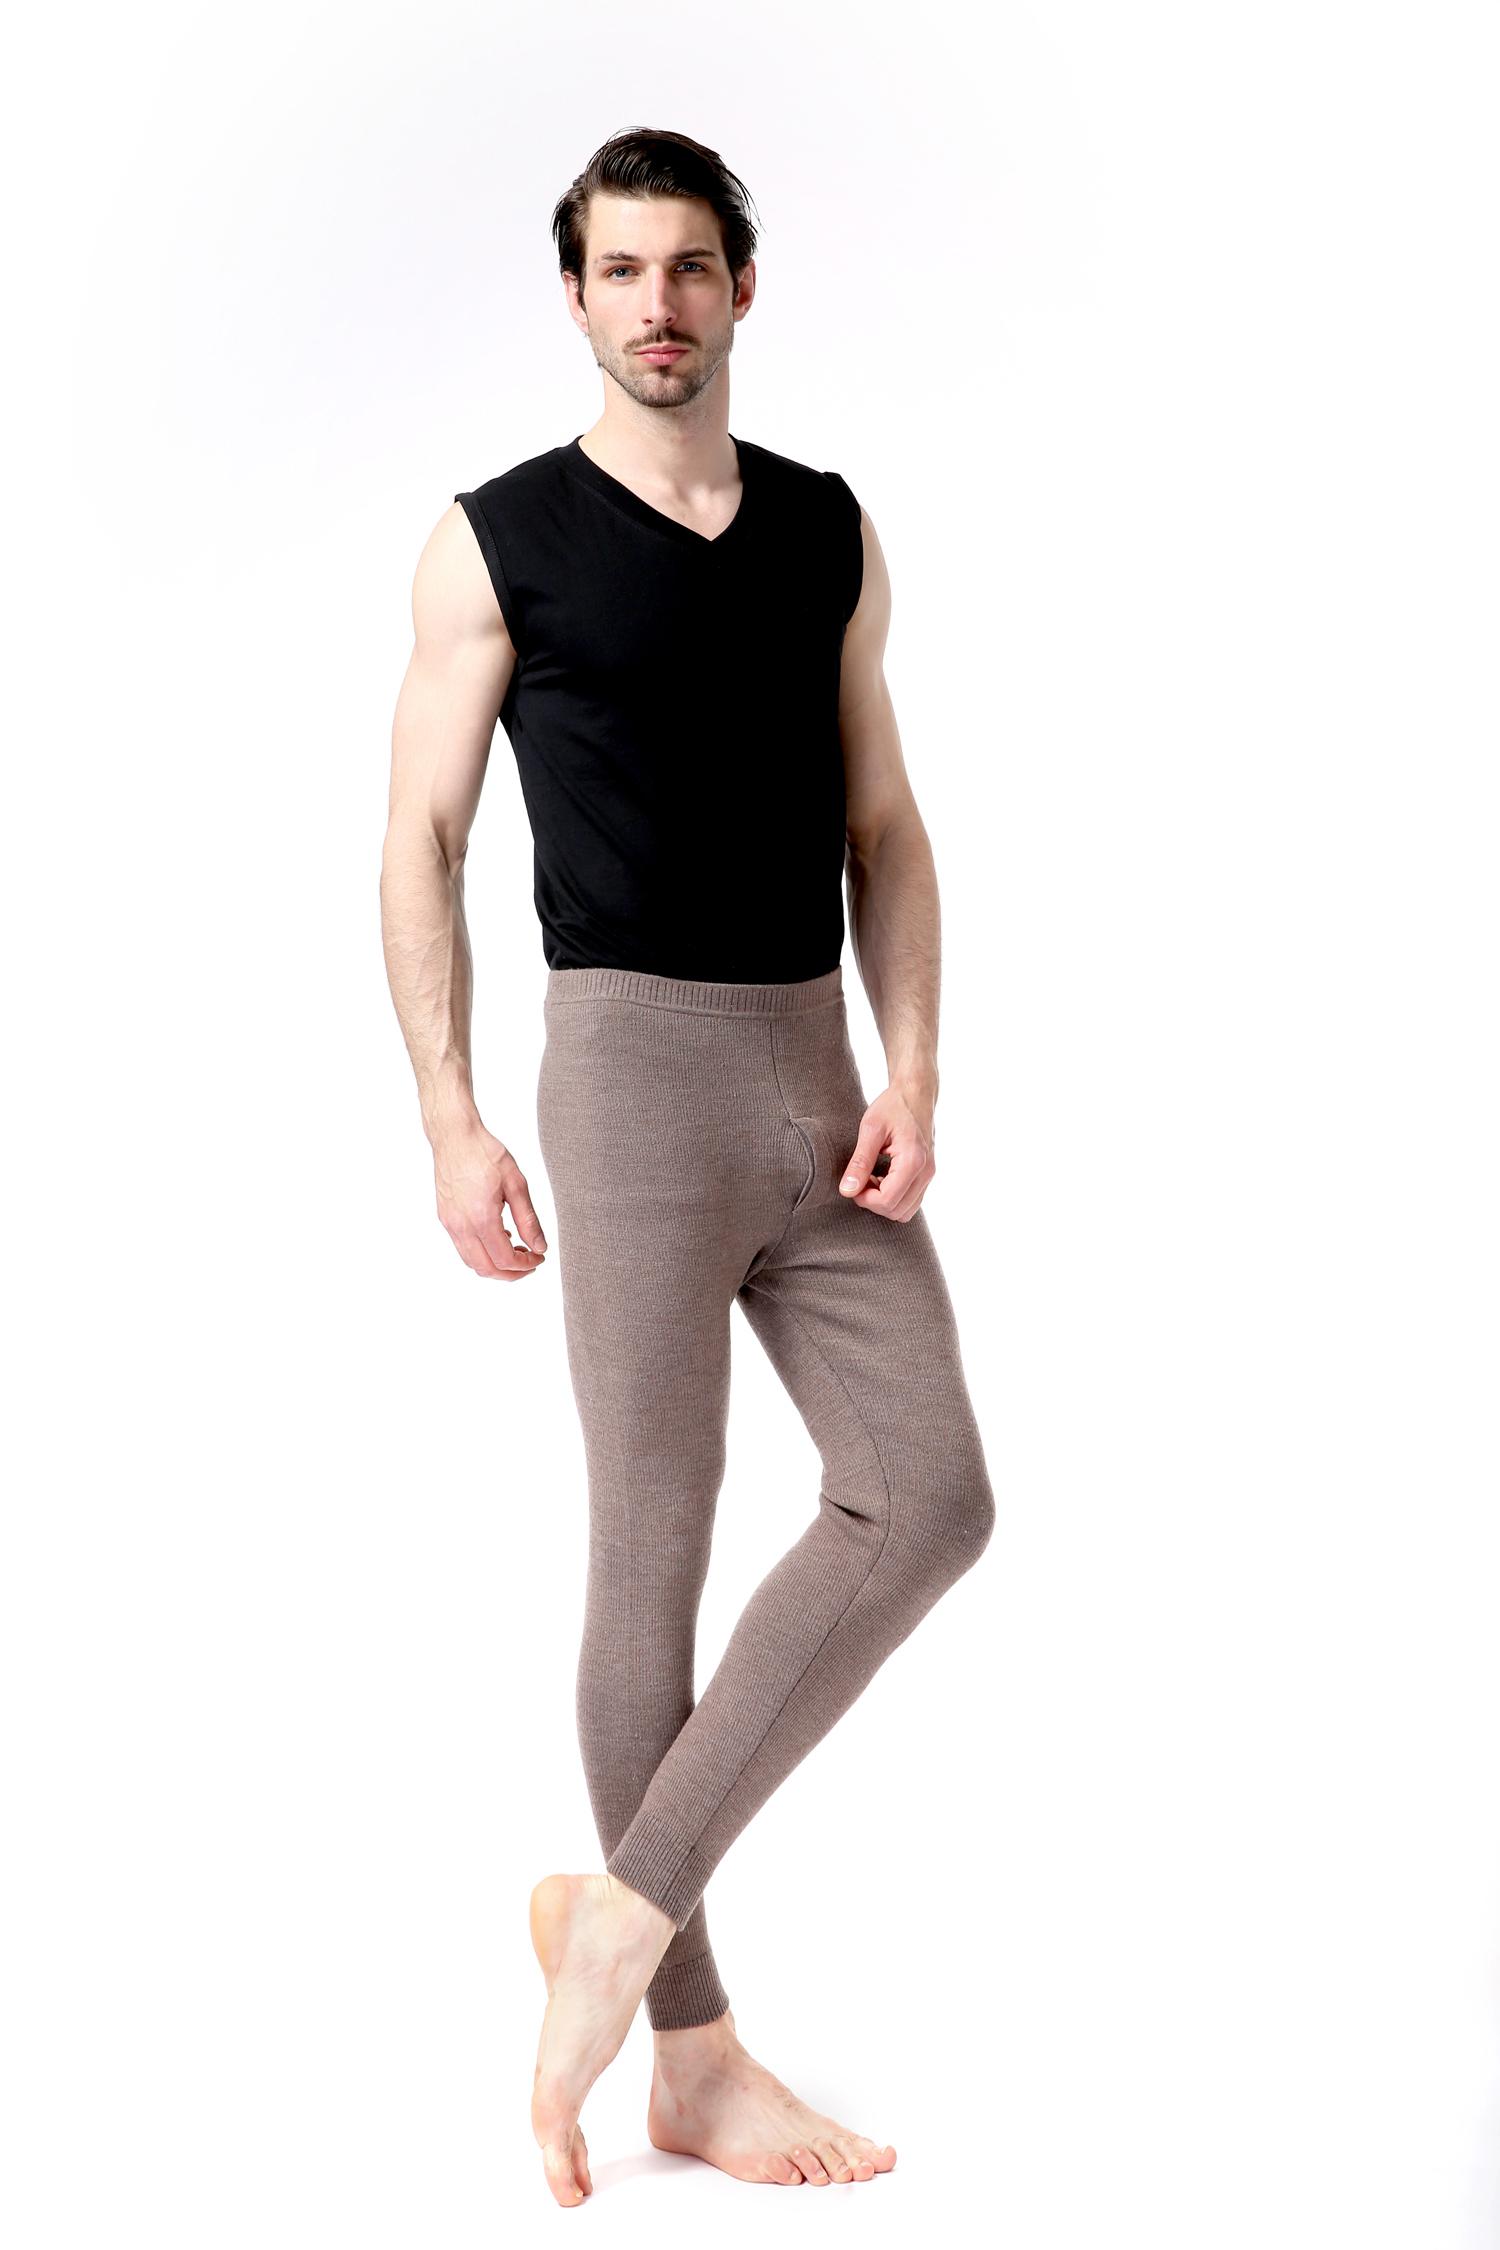 男士打底绒裤什么面料好,耐用的都兰诺斯澳毛男抽条裤哪里买